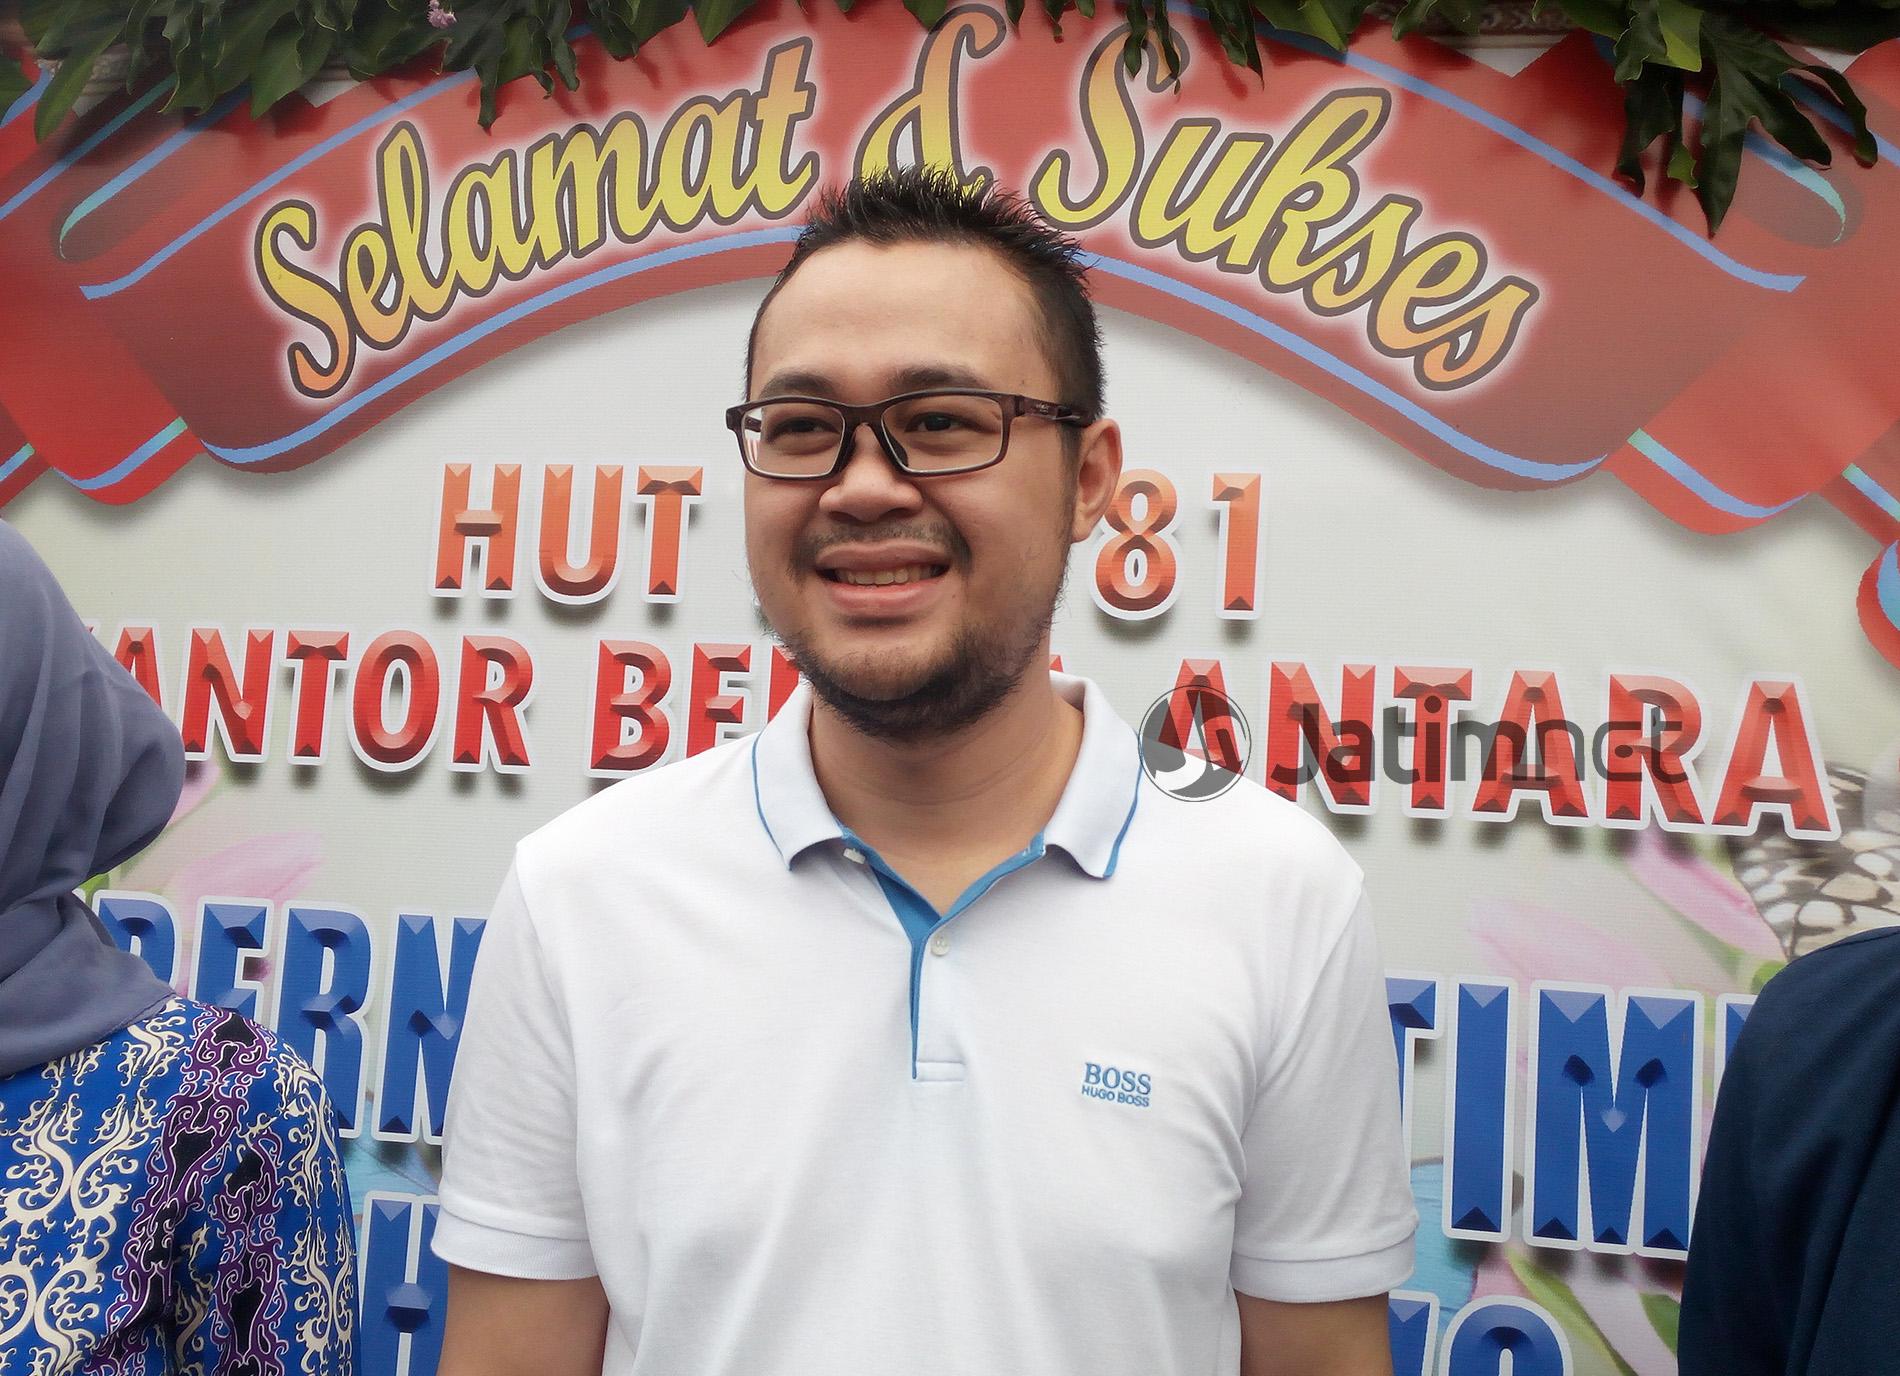 Menantu Soekarwo Diunggulkan Maju Pilwali Surabaya